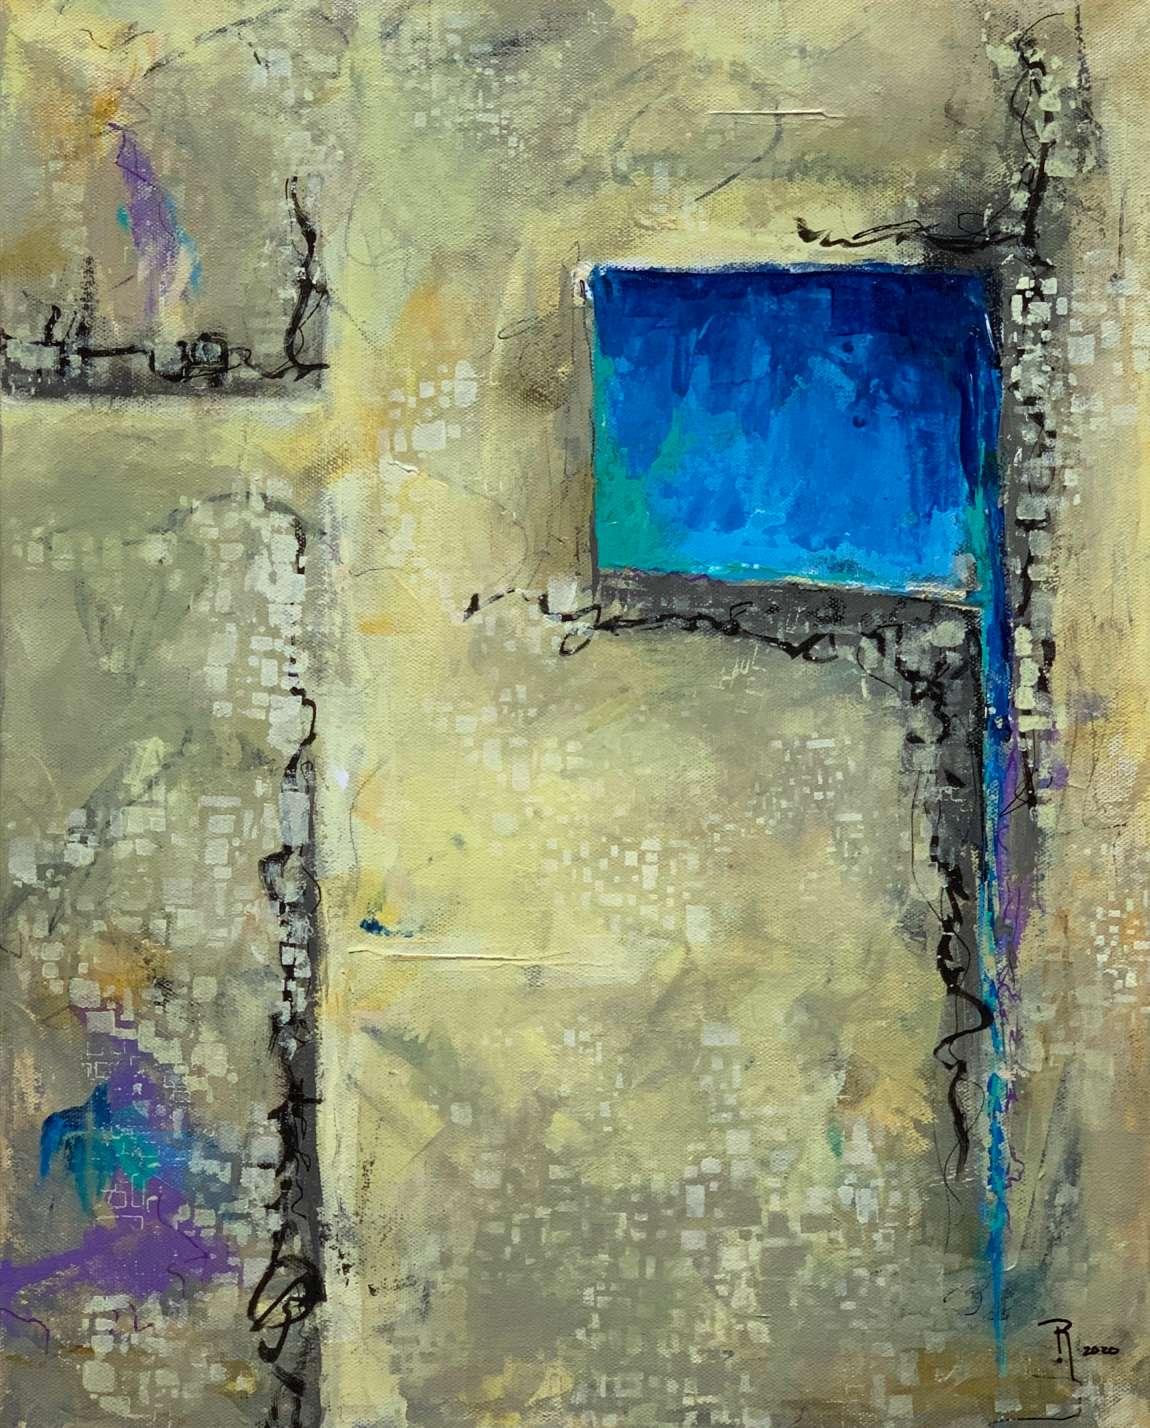 Untitled (20-17) Bild Ihres Kunstwerks an der Wand